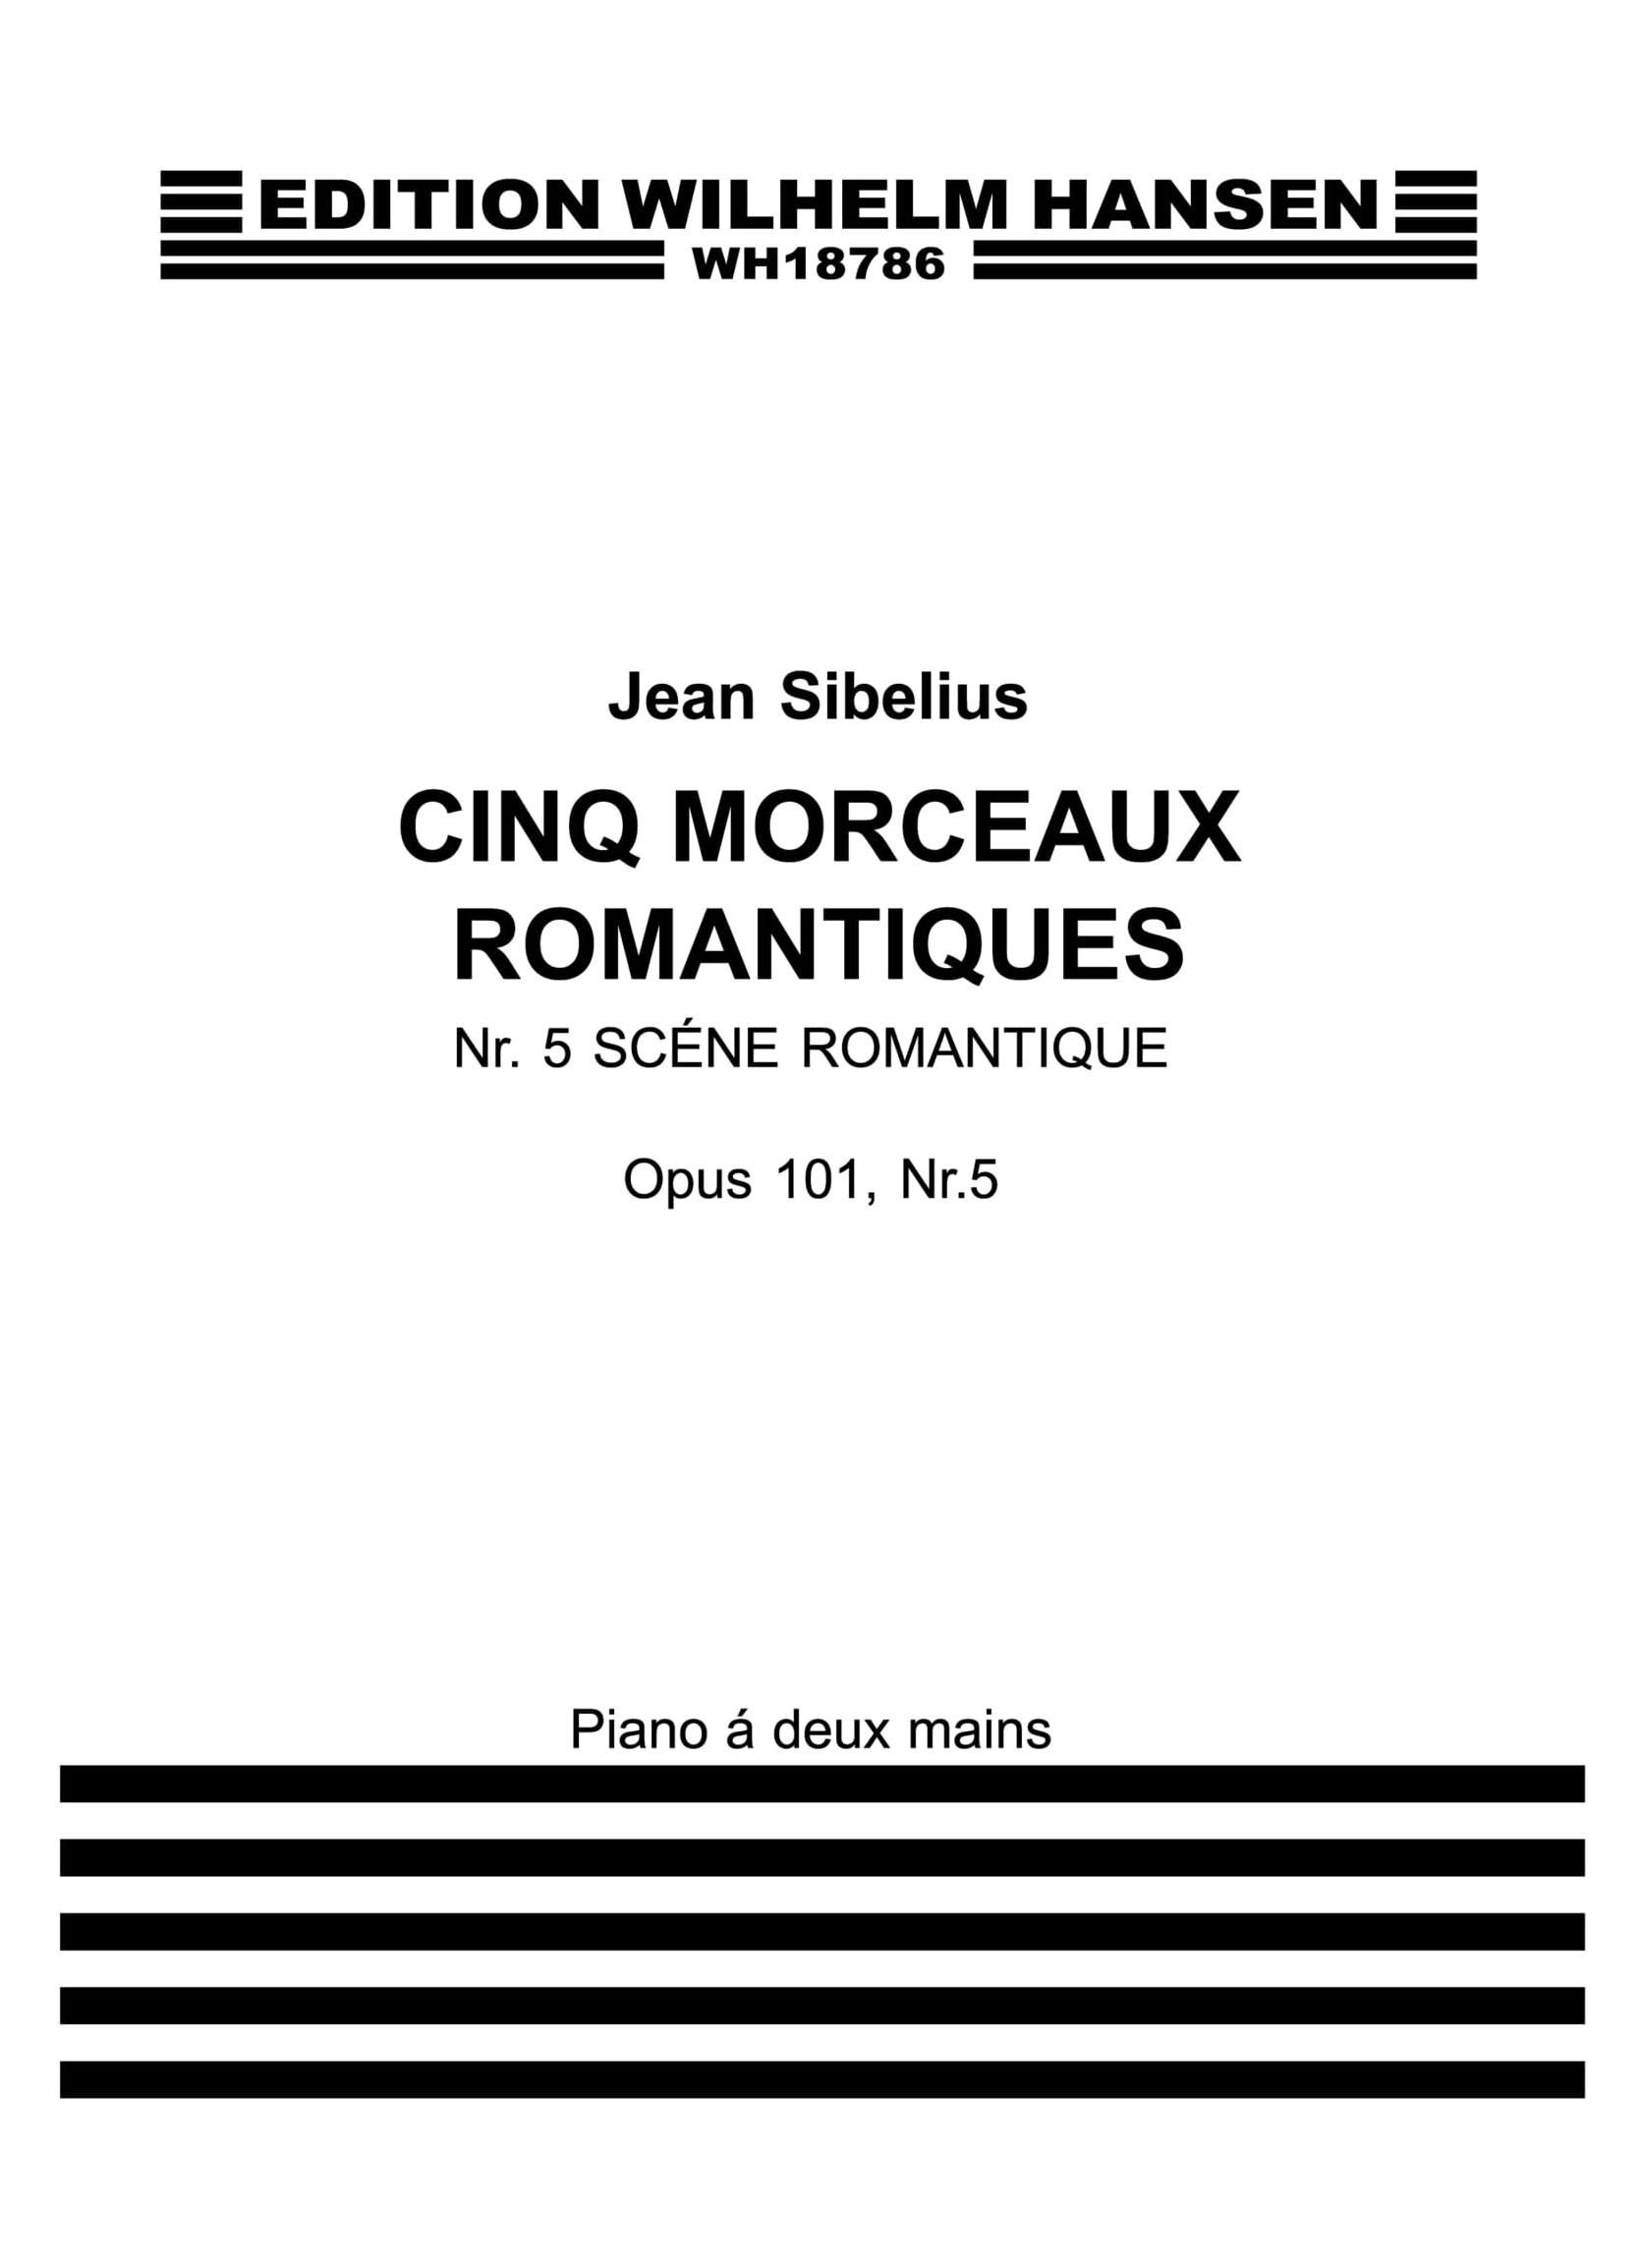 Jean Sibelius: Five Romantic Pieces Op.101 No.5- Scene Romantique: Piano: